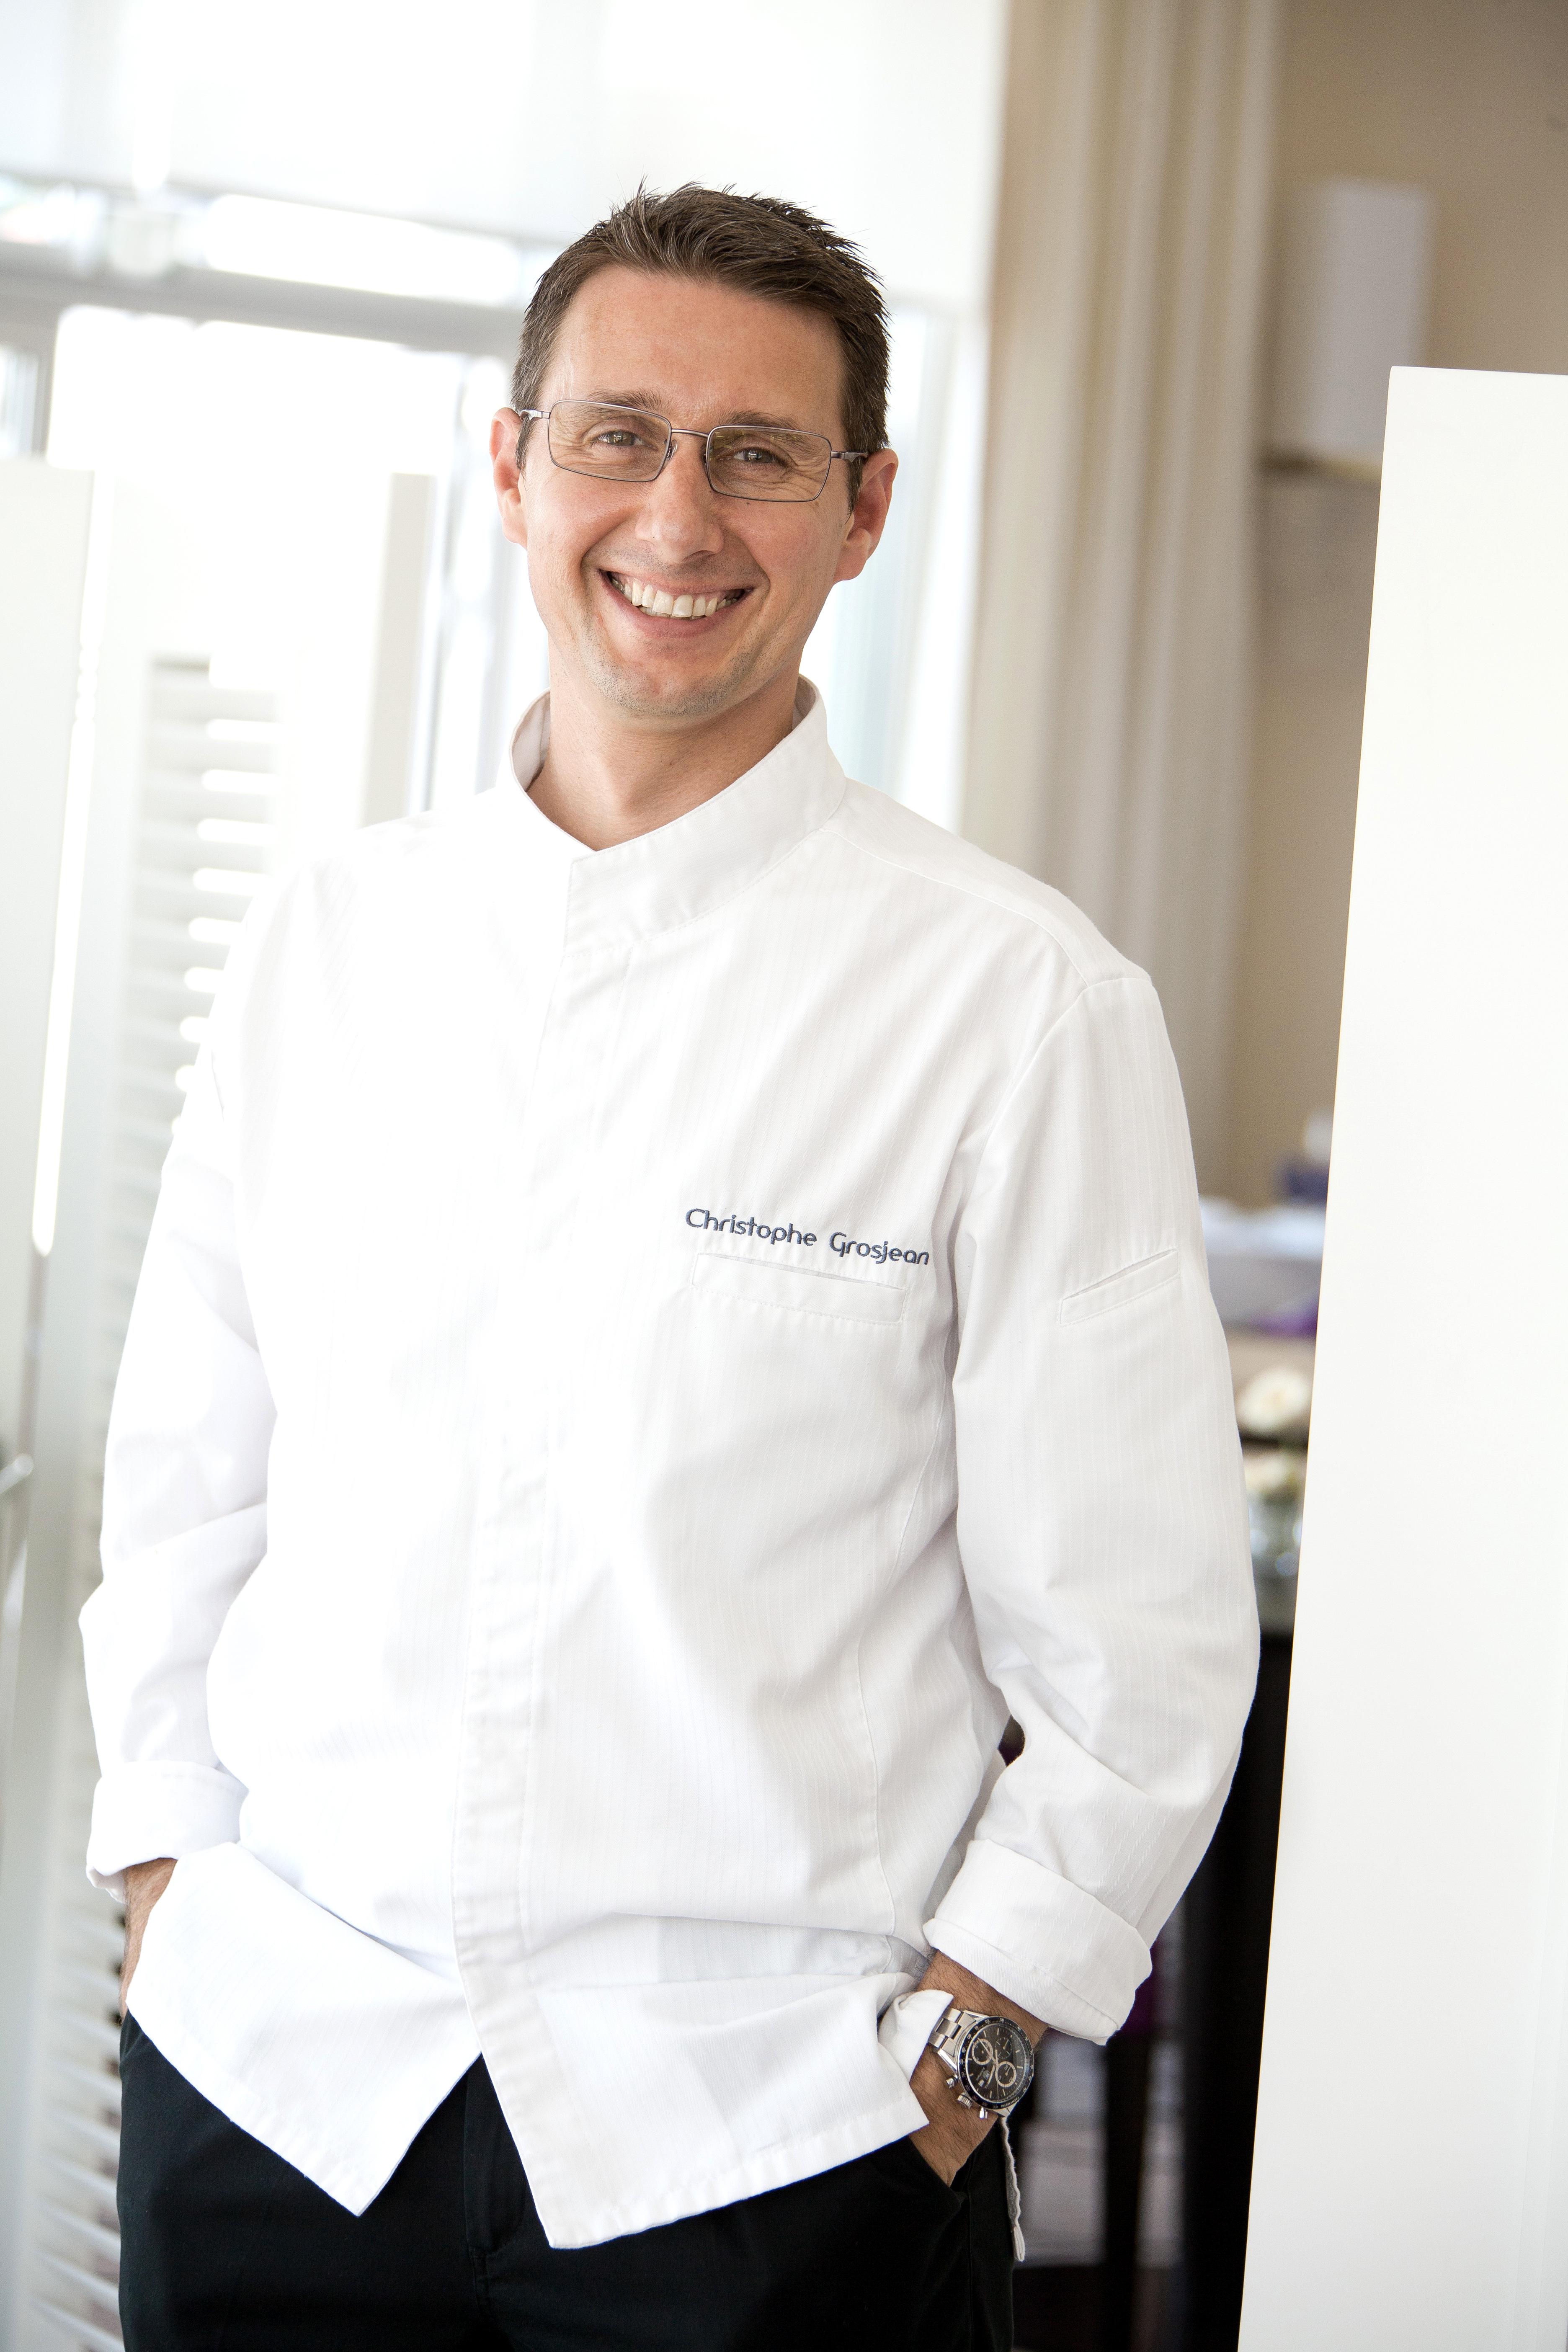 Christophe Grosjean chef étoilé au restaurant l'Océan du Grand Hôtel de Saint-Jean-de-Luz